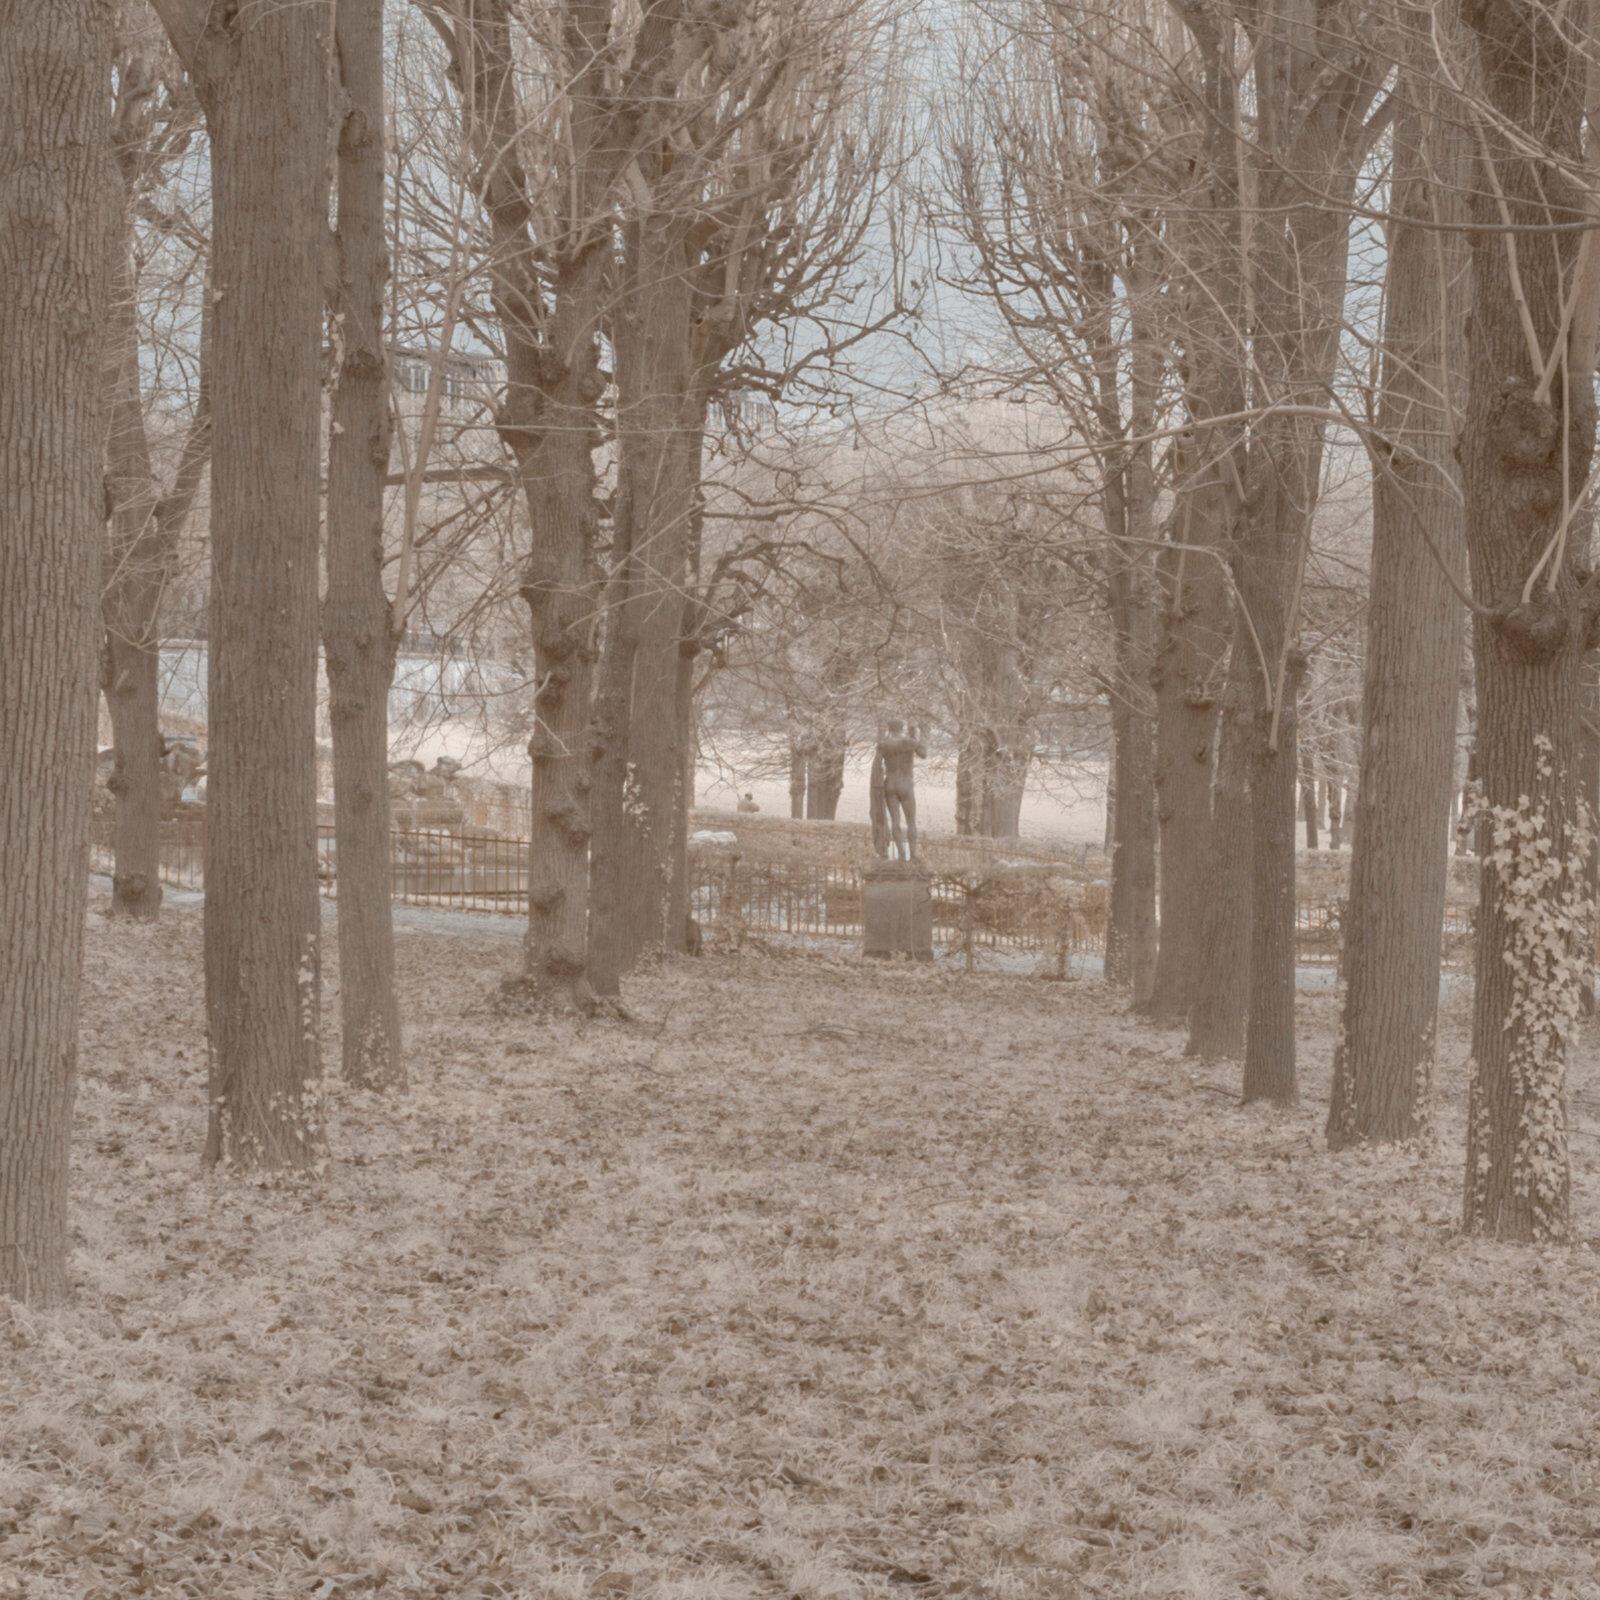 DETAILS 2 24mm F8 CANON 1 | Pierre-Louis Ferrer | Test du SIGMA 24mm F/1.4 DG HSM Art en photographie infrarouge | Partie 1